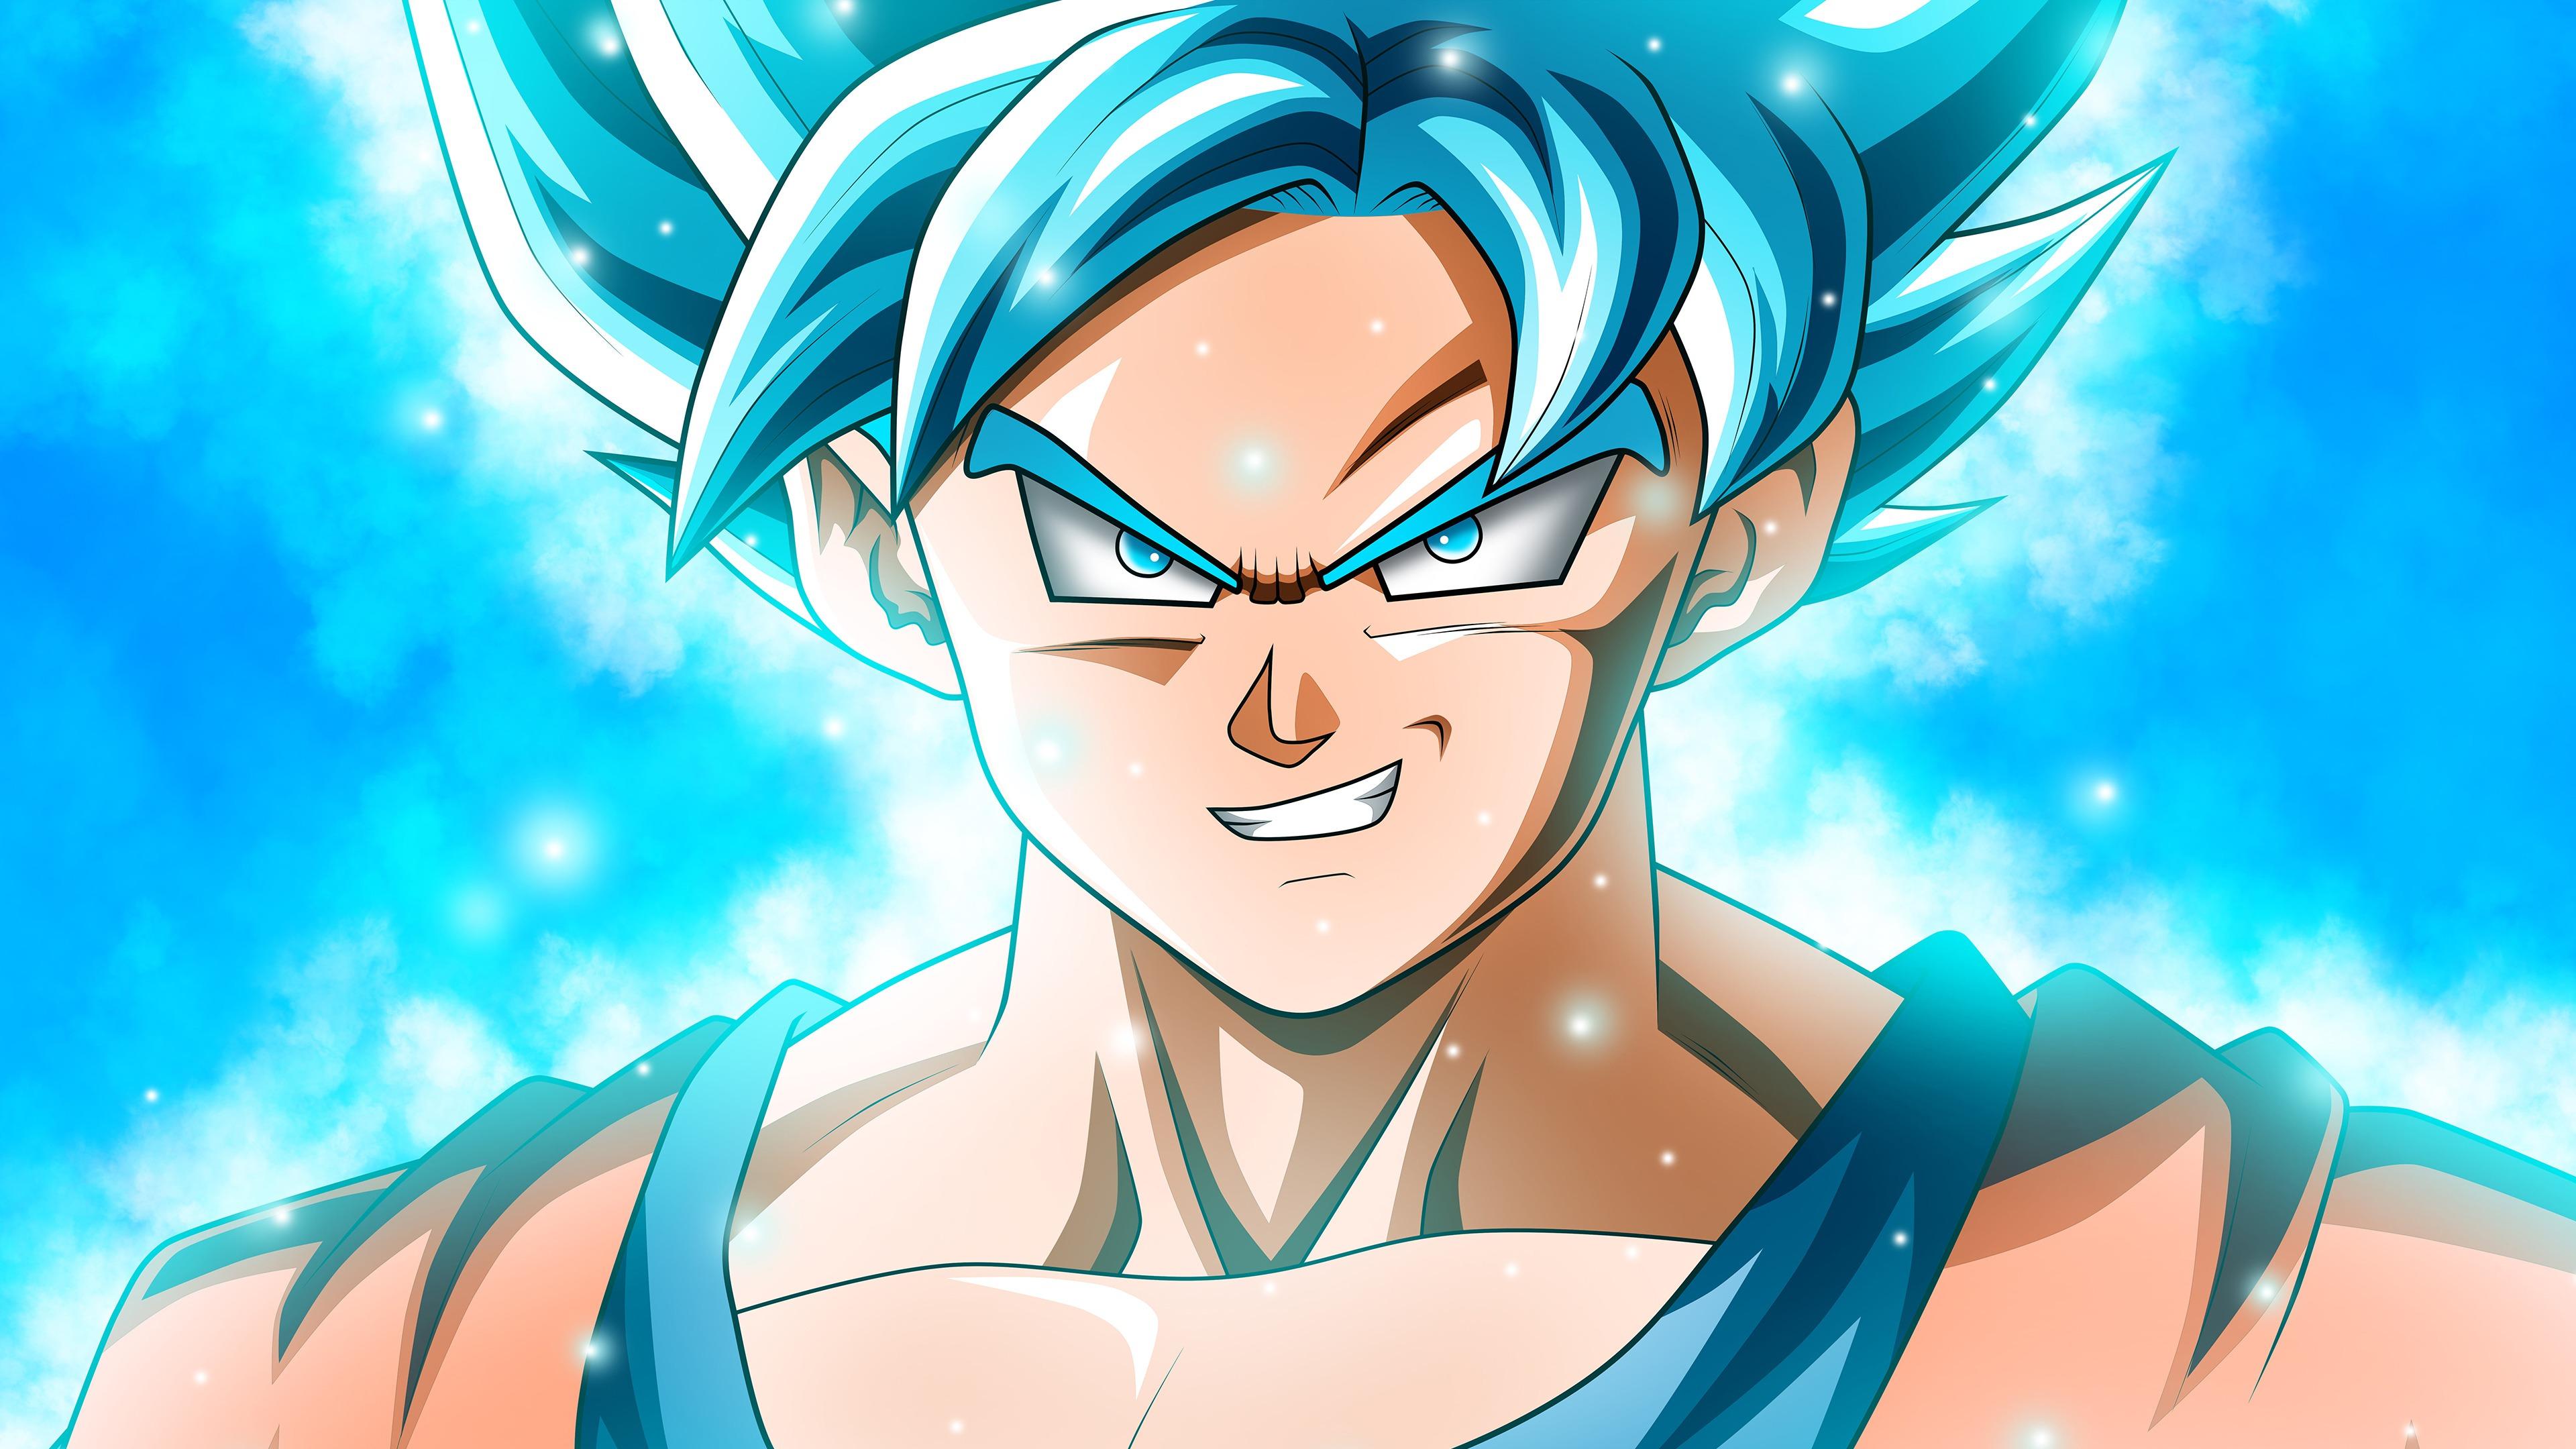 Son Goku Dragon Ball Super 2019 Poster Preview